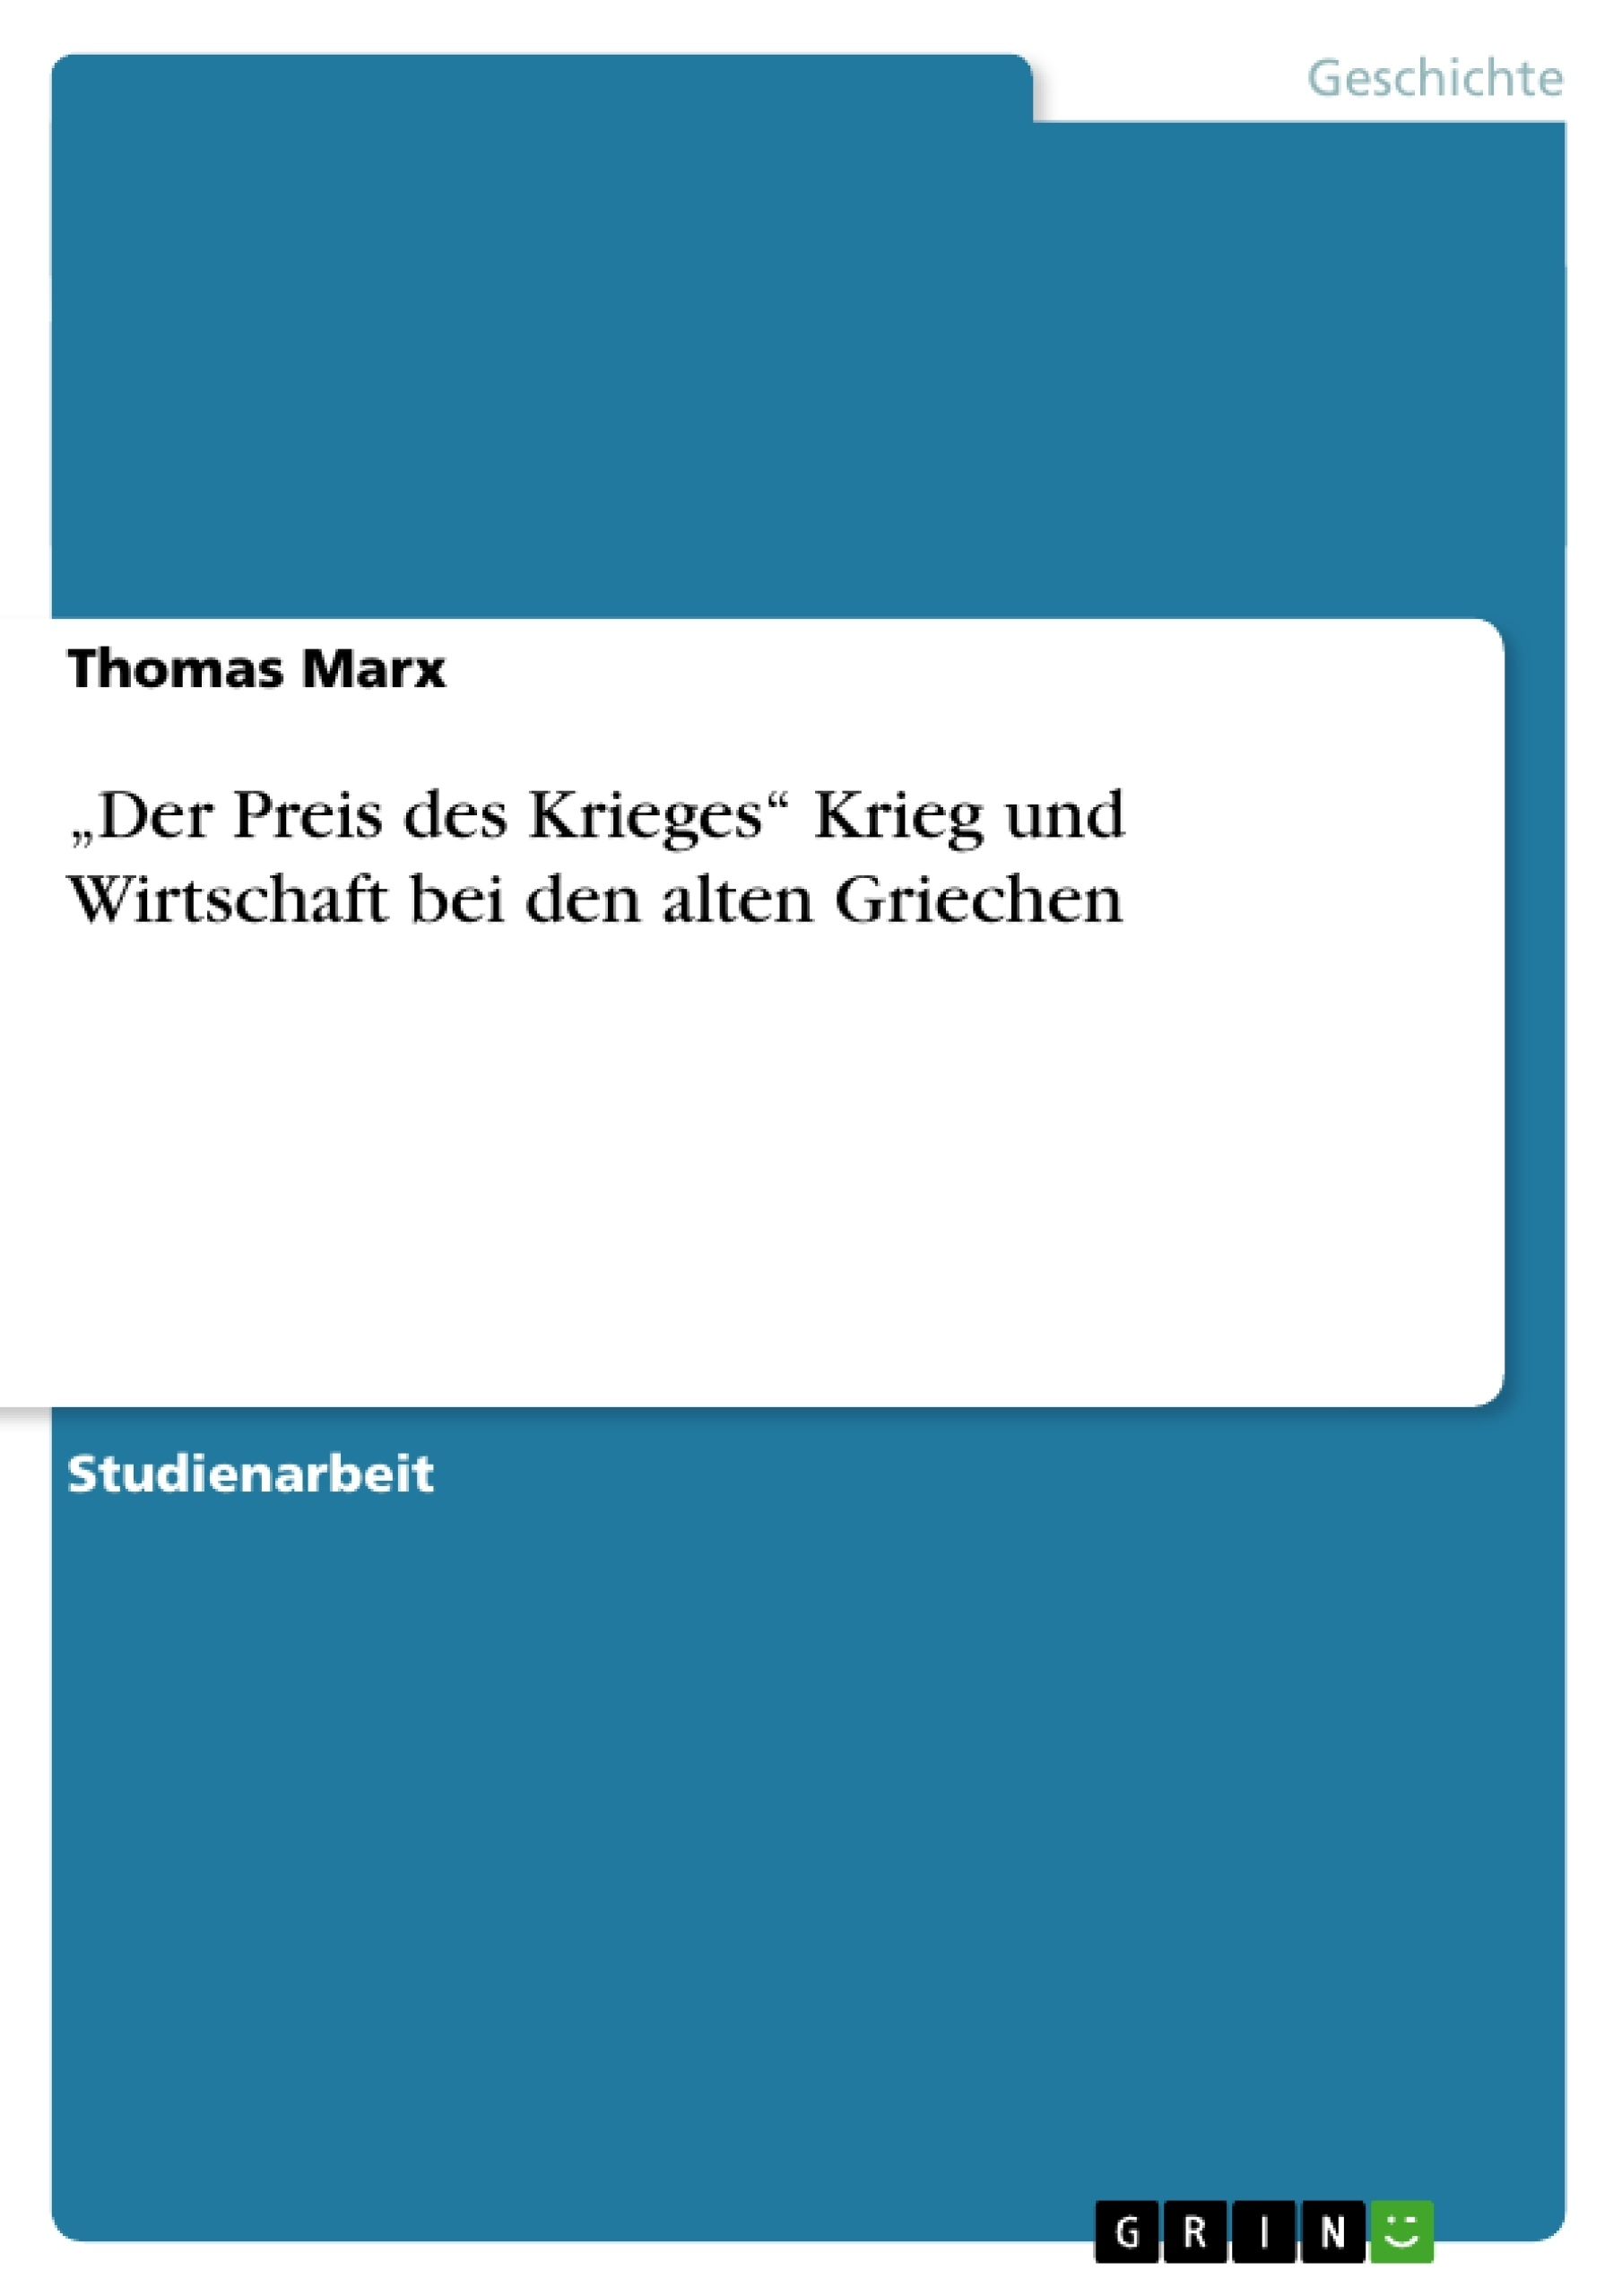 """Titel: """"Der Preis des Krieges""""  Krieg und Wirtschaft bei den alten Griechen"""